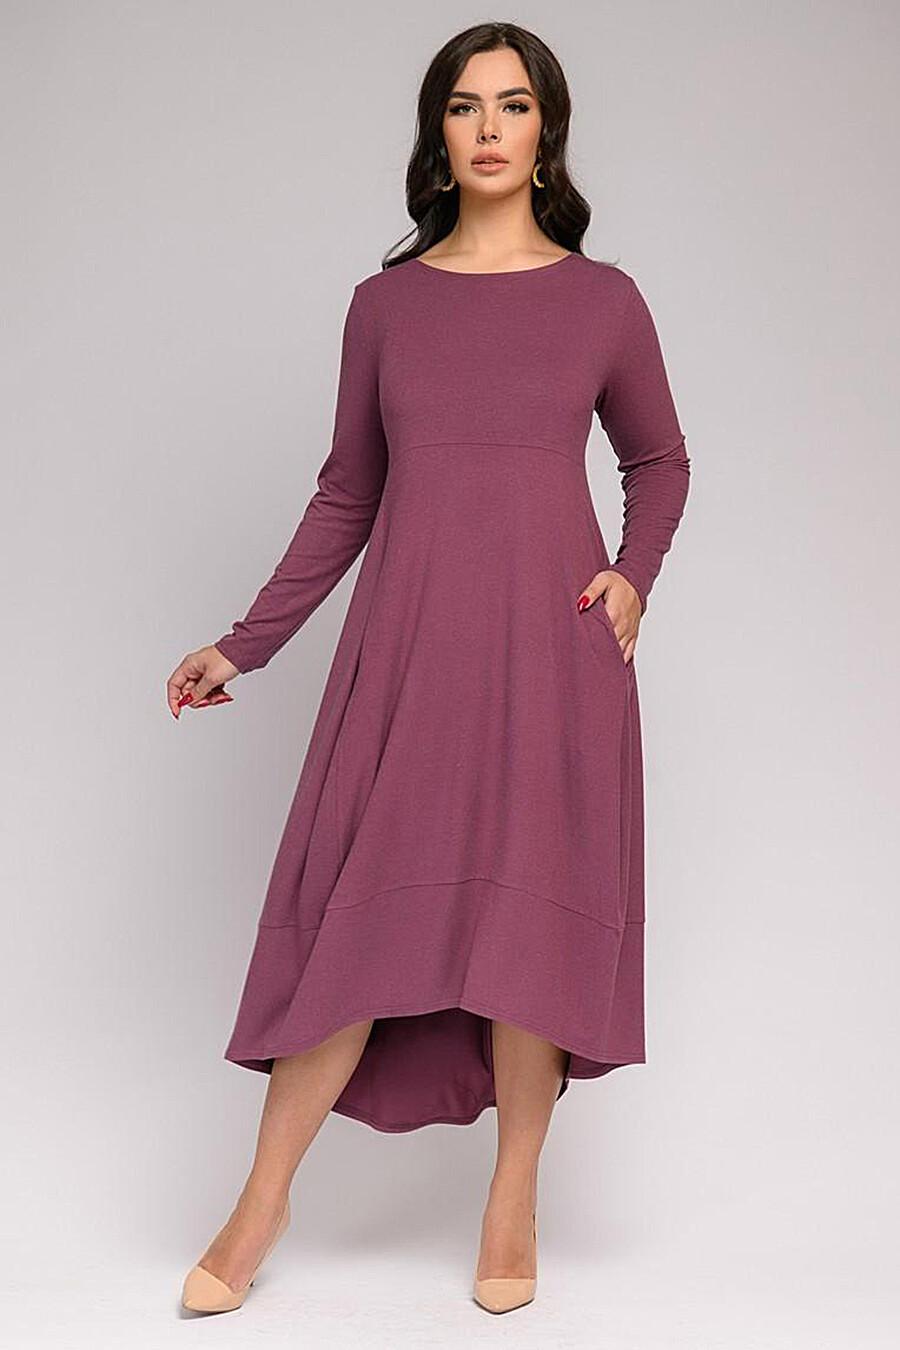 Платье для женщин 1001 DRESS 161387 купить оптом от производителя. Совместная покупка женской одежды в OptMoyo